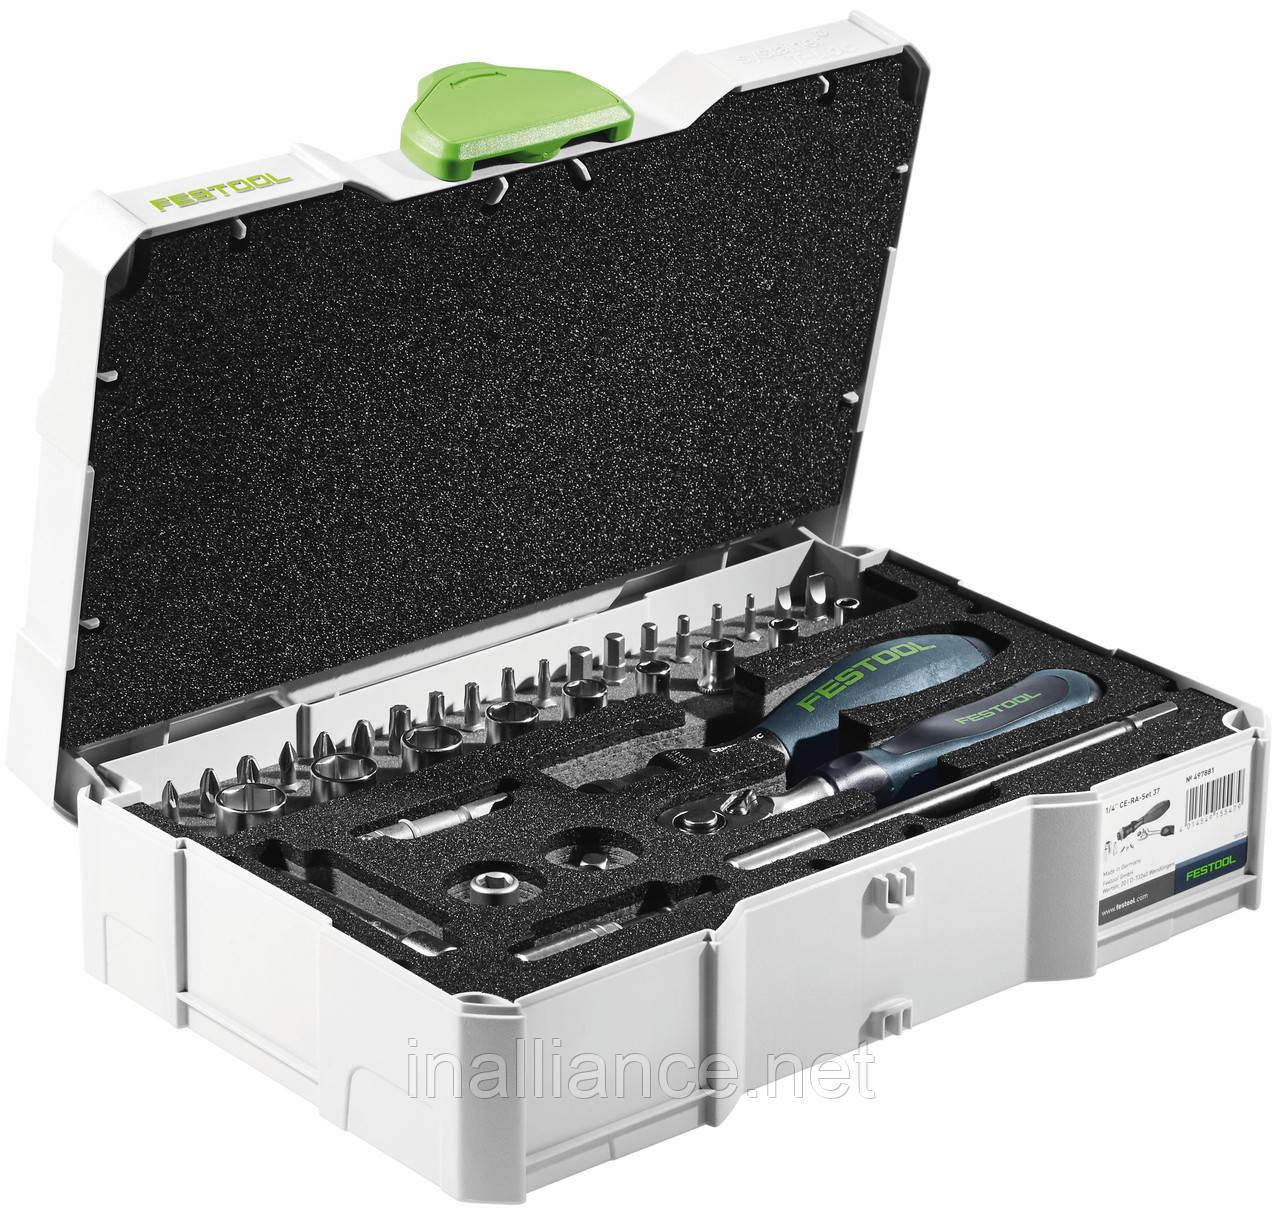 Набор инструмента CENTROTEC в систейнере Festool 497881